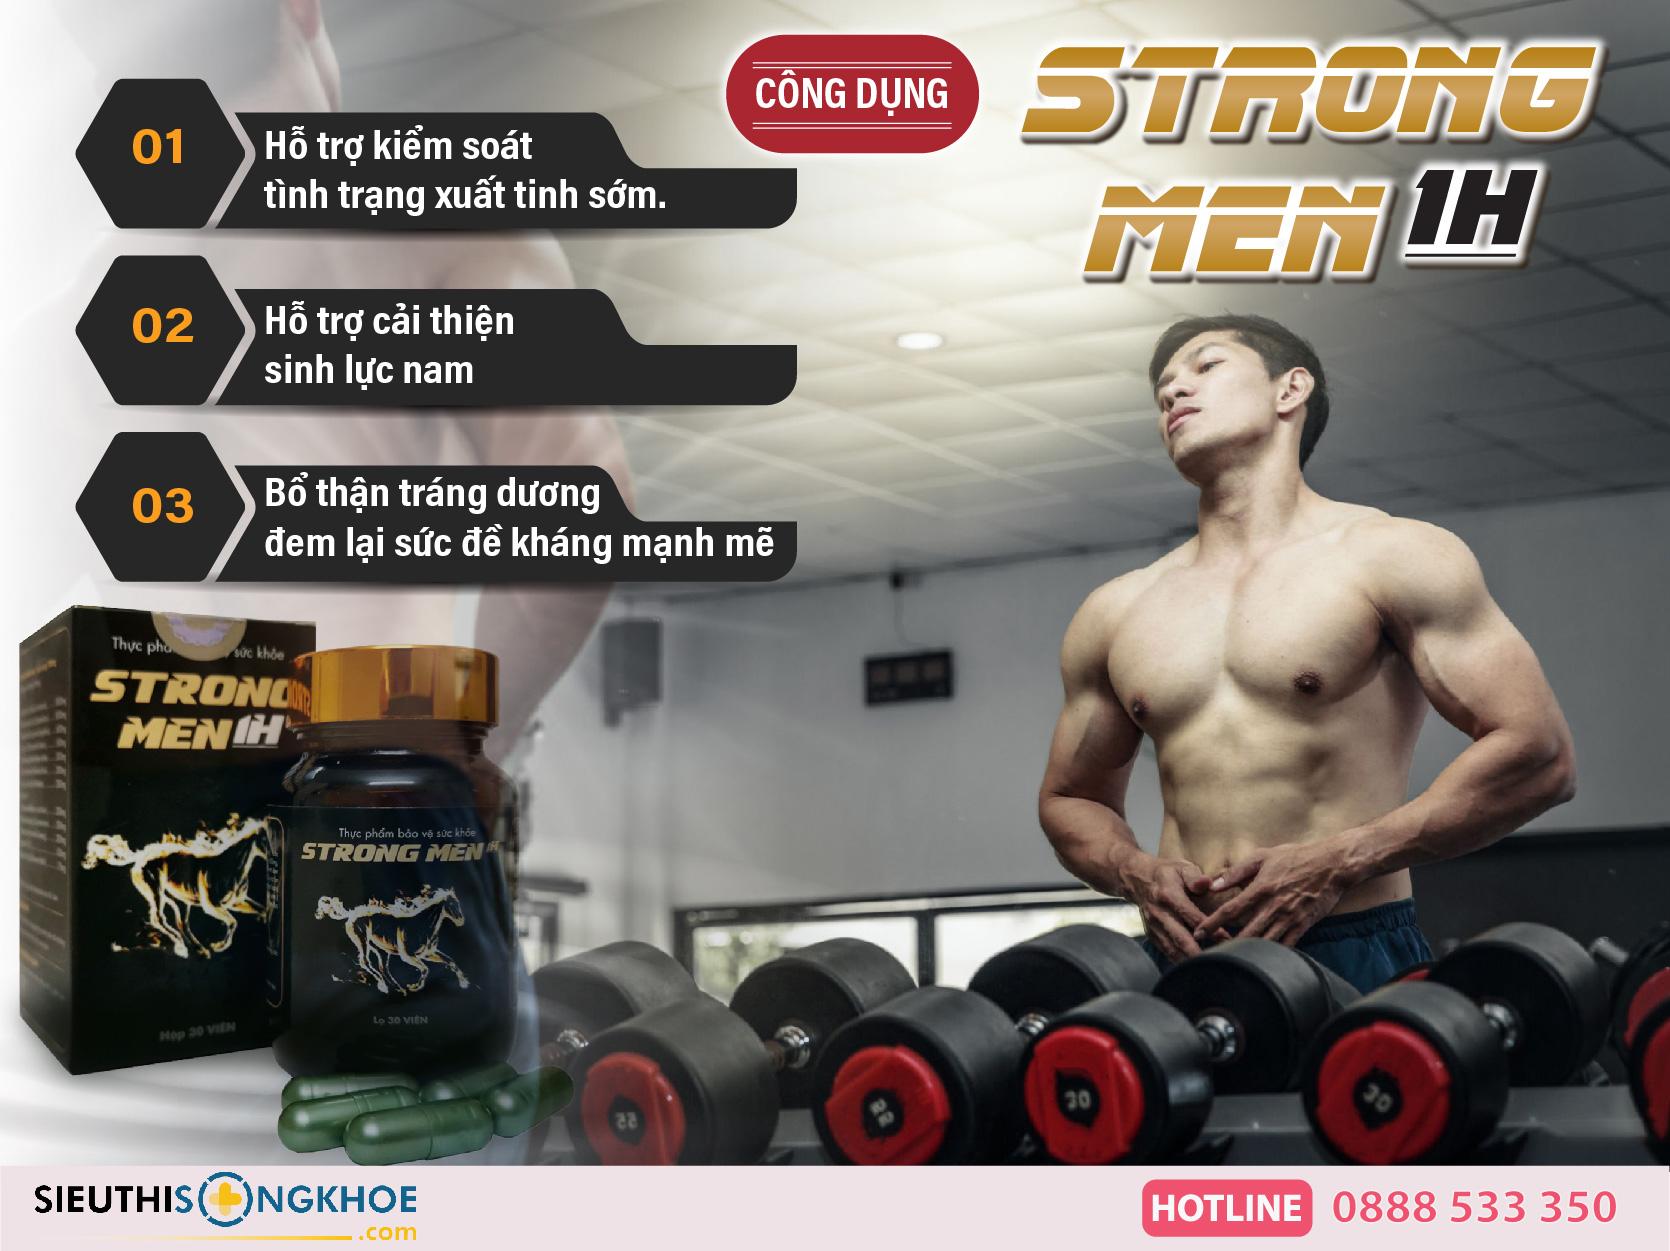 strong men 1h